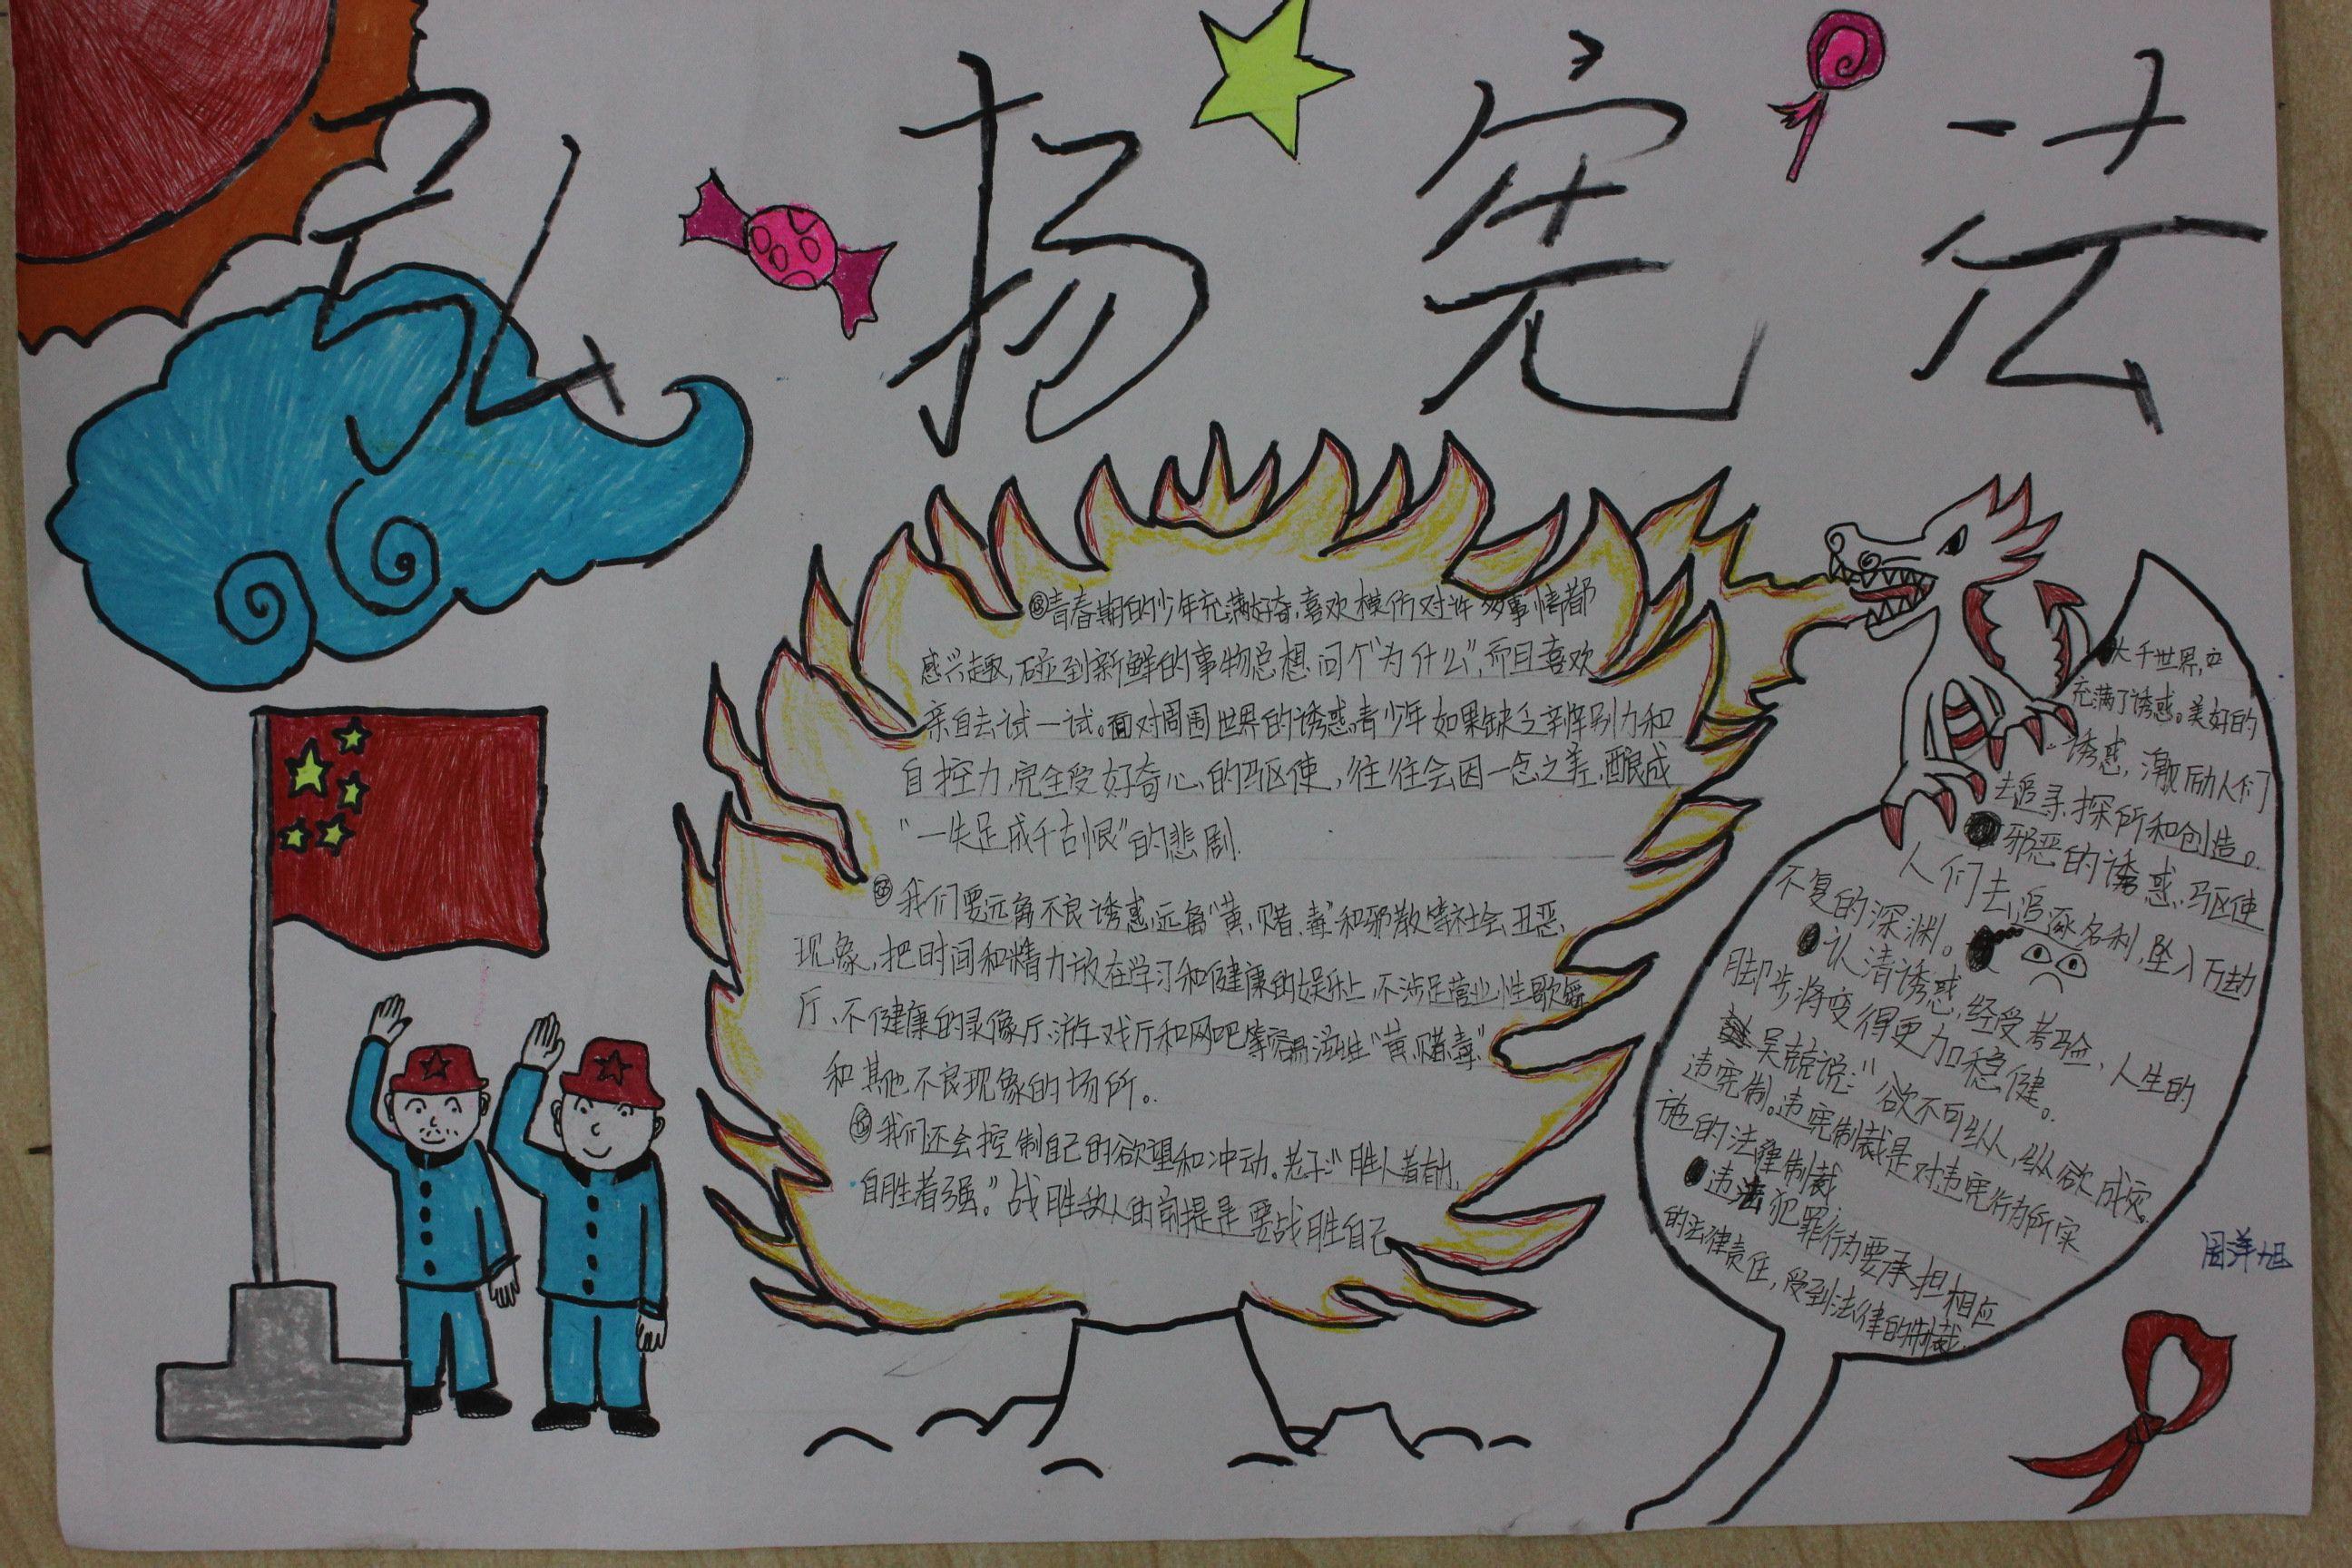 用a3硬纸画有关宪法的手抄报应该怎么画怎么画